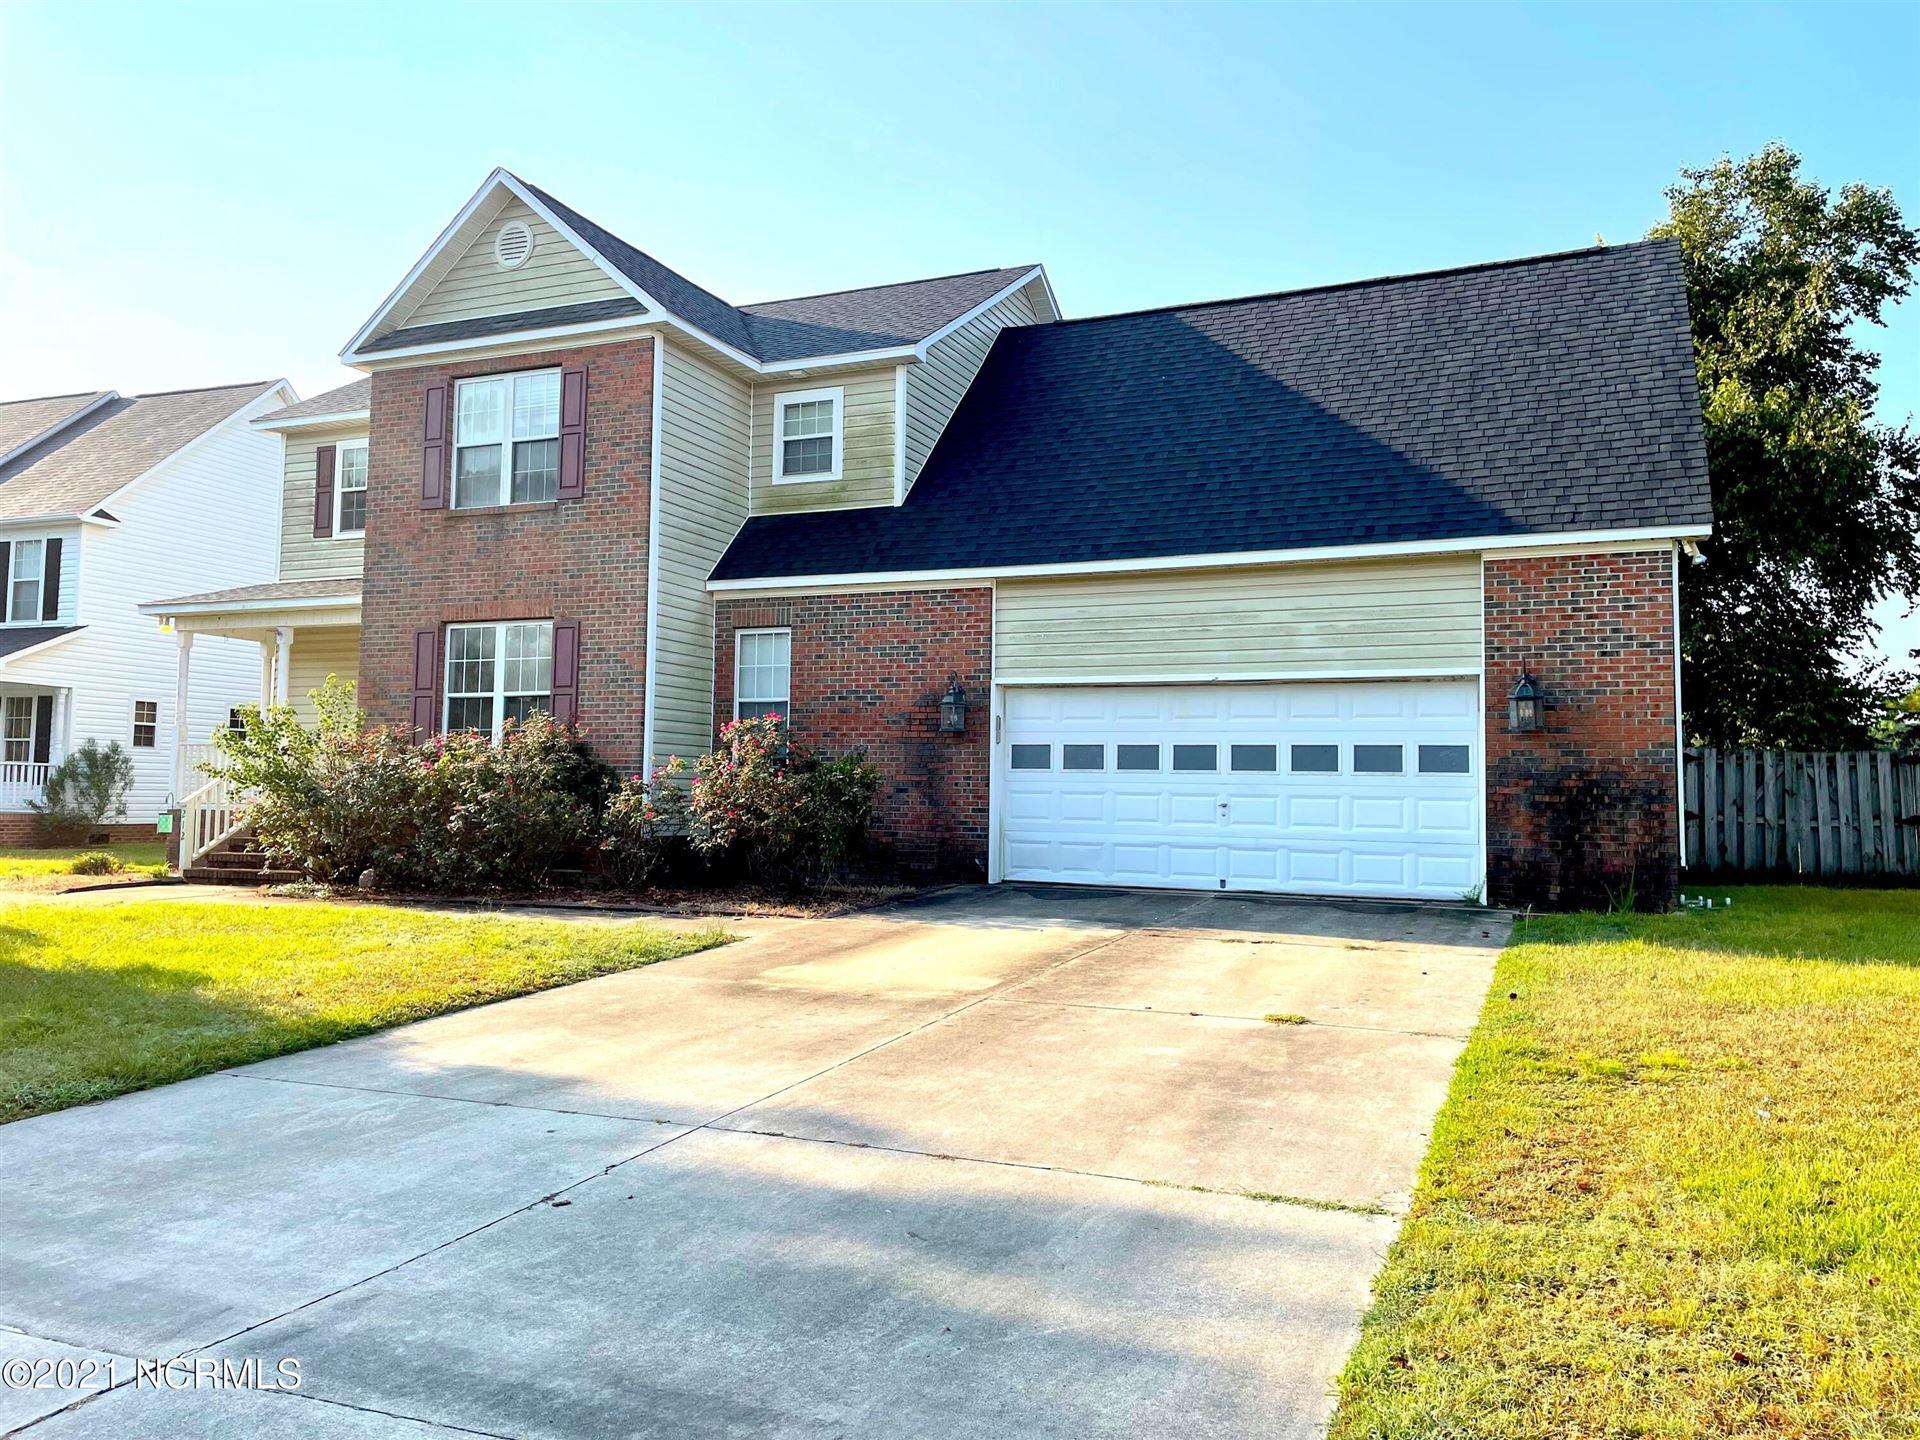 Photo of 212 Lansing Court, Jacksonville, NC 28540 (MLS # 100291655)